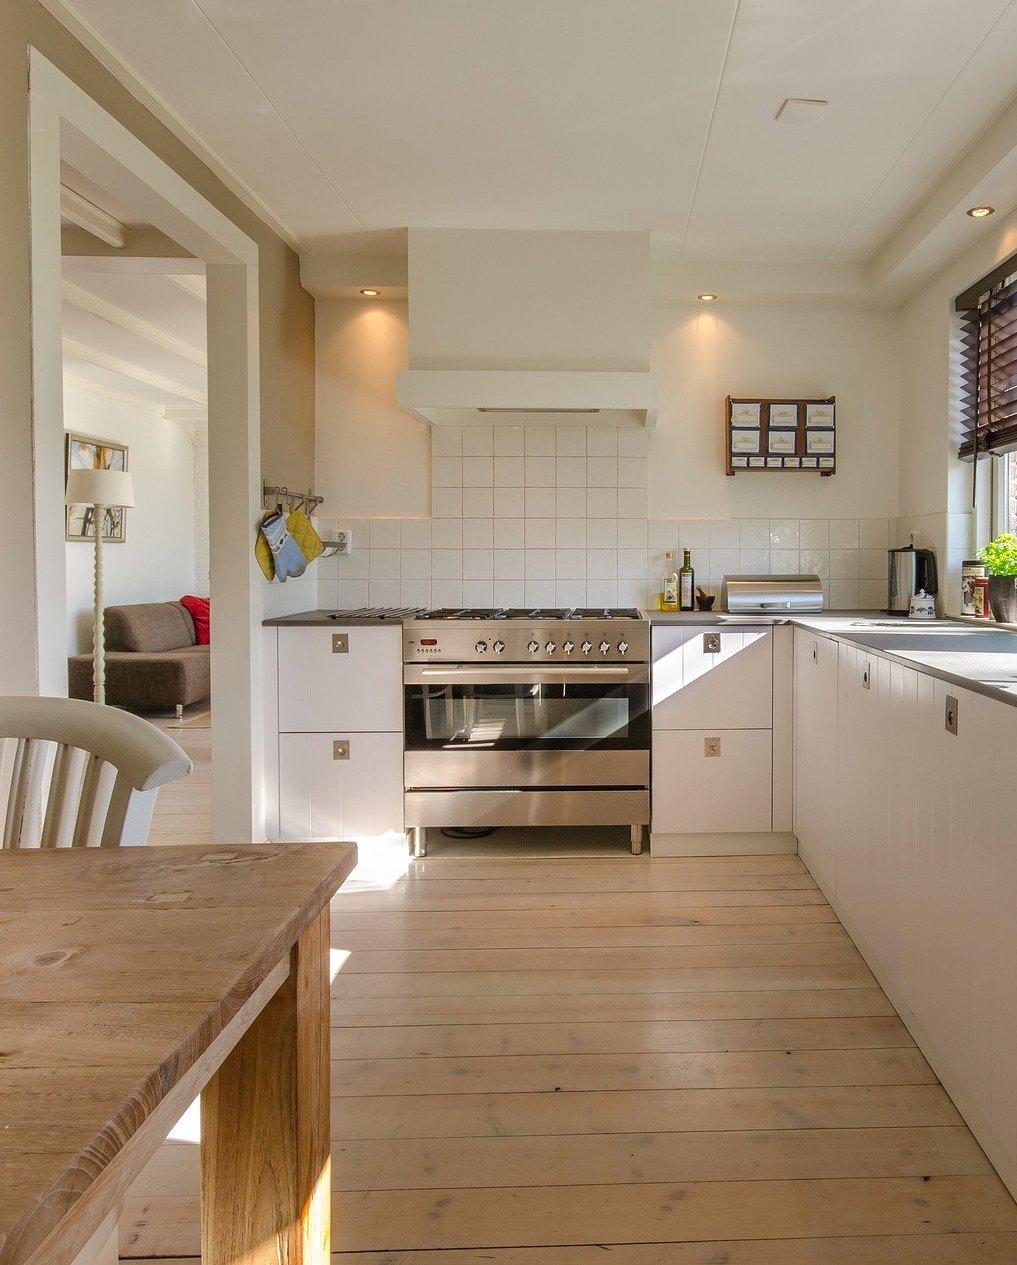 Sfeer creëren in de keuken met verlichting #keuken #verlichting #ledverlichting #ledinbouwspots